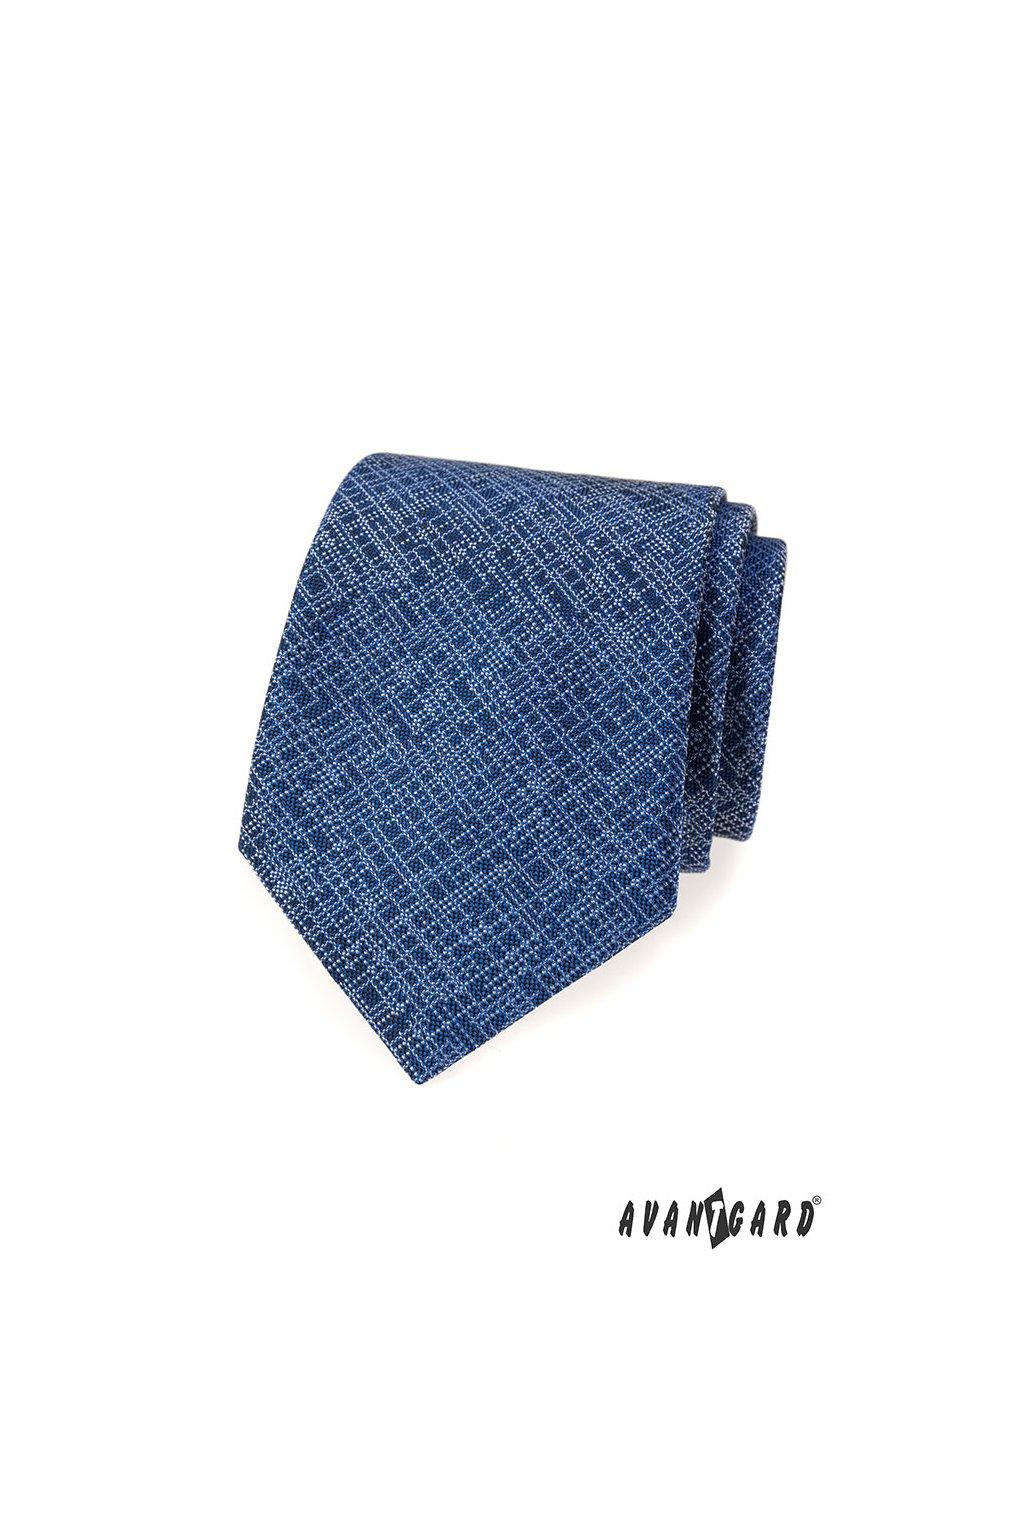 Modrá luxusní kravata s bílou linkou 561 - 55003